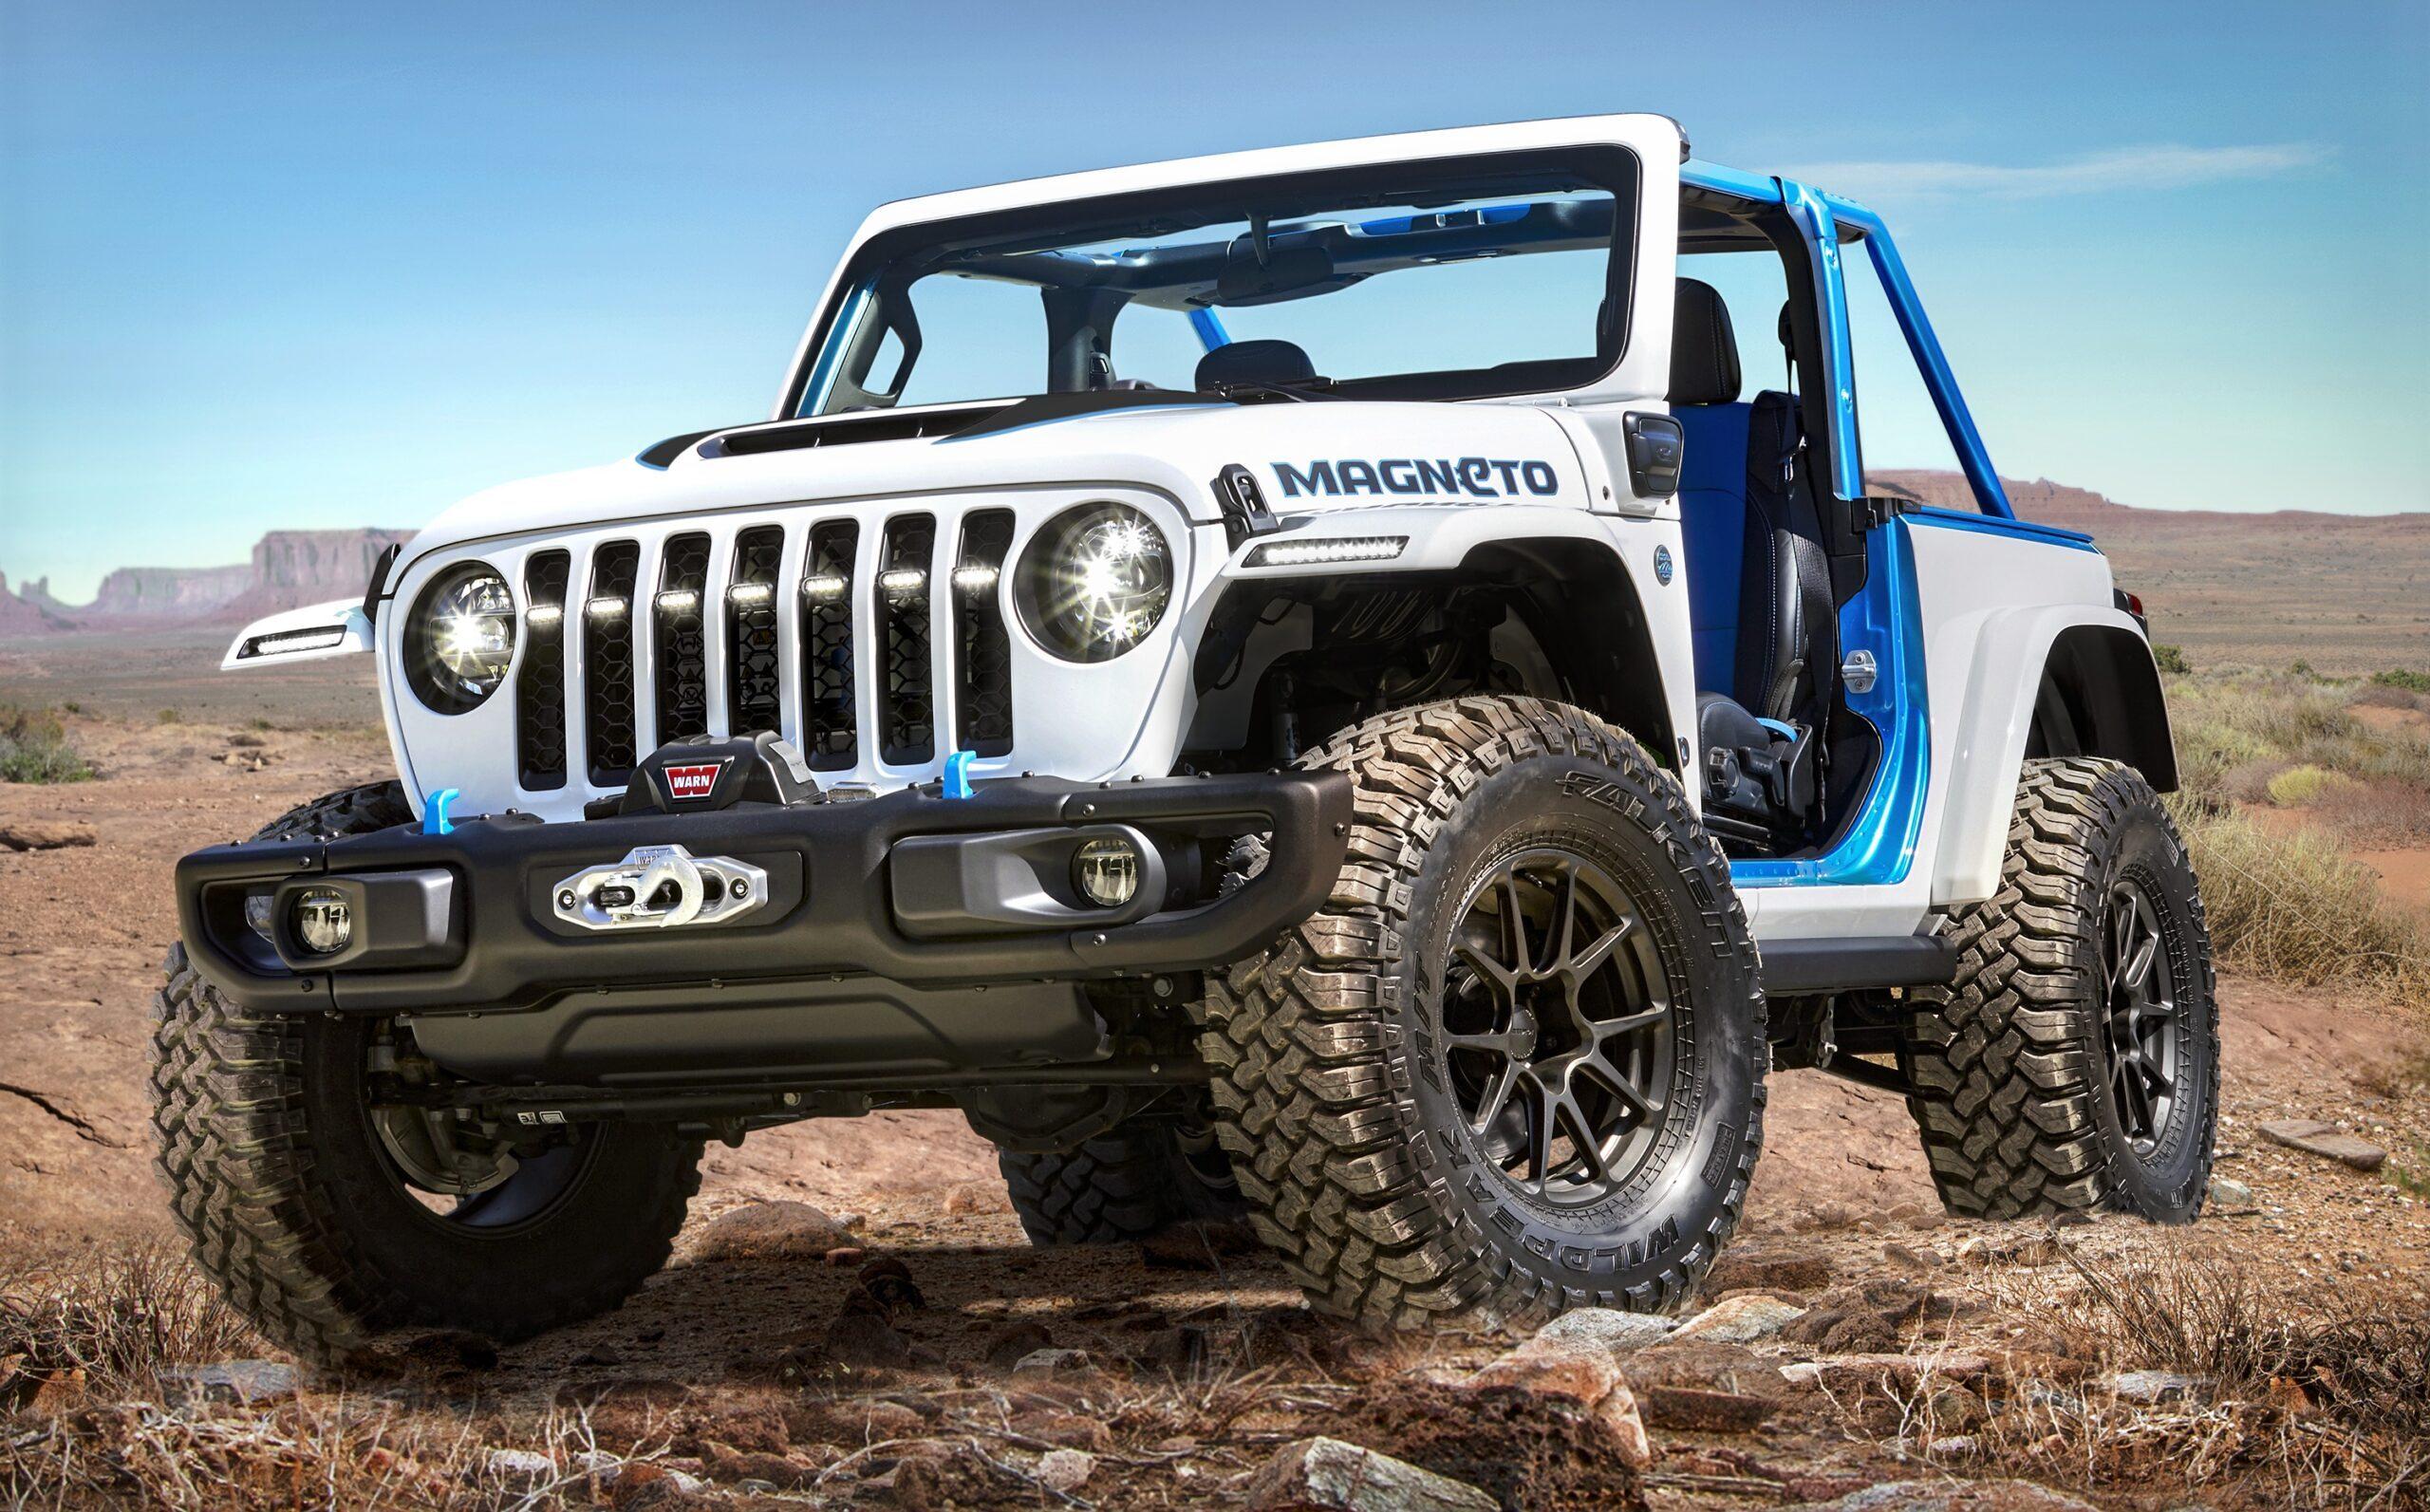 The Jeep Magneto concept